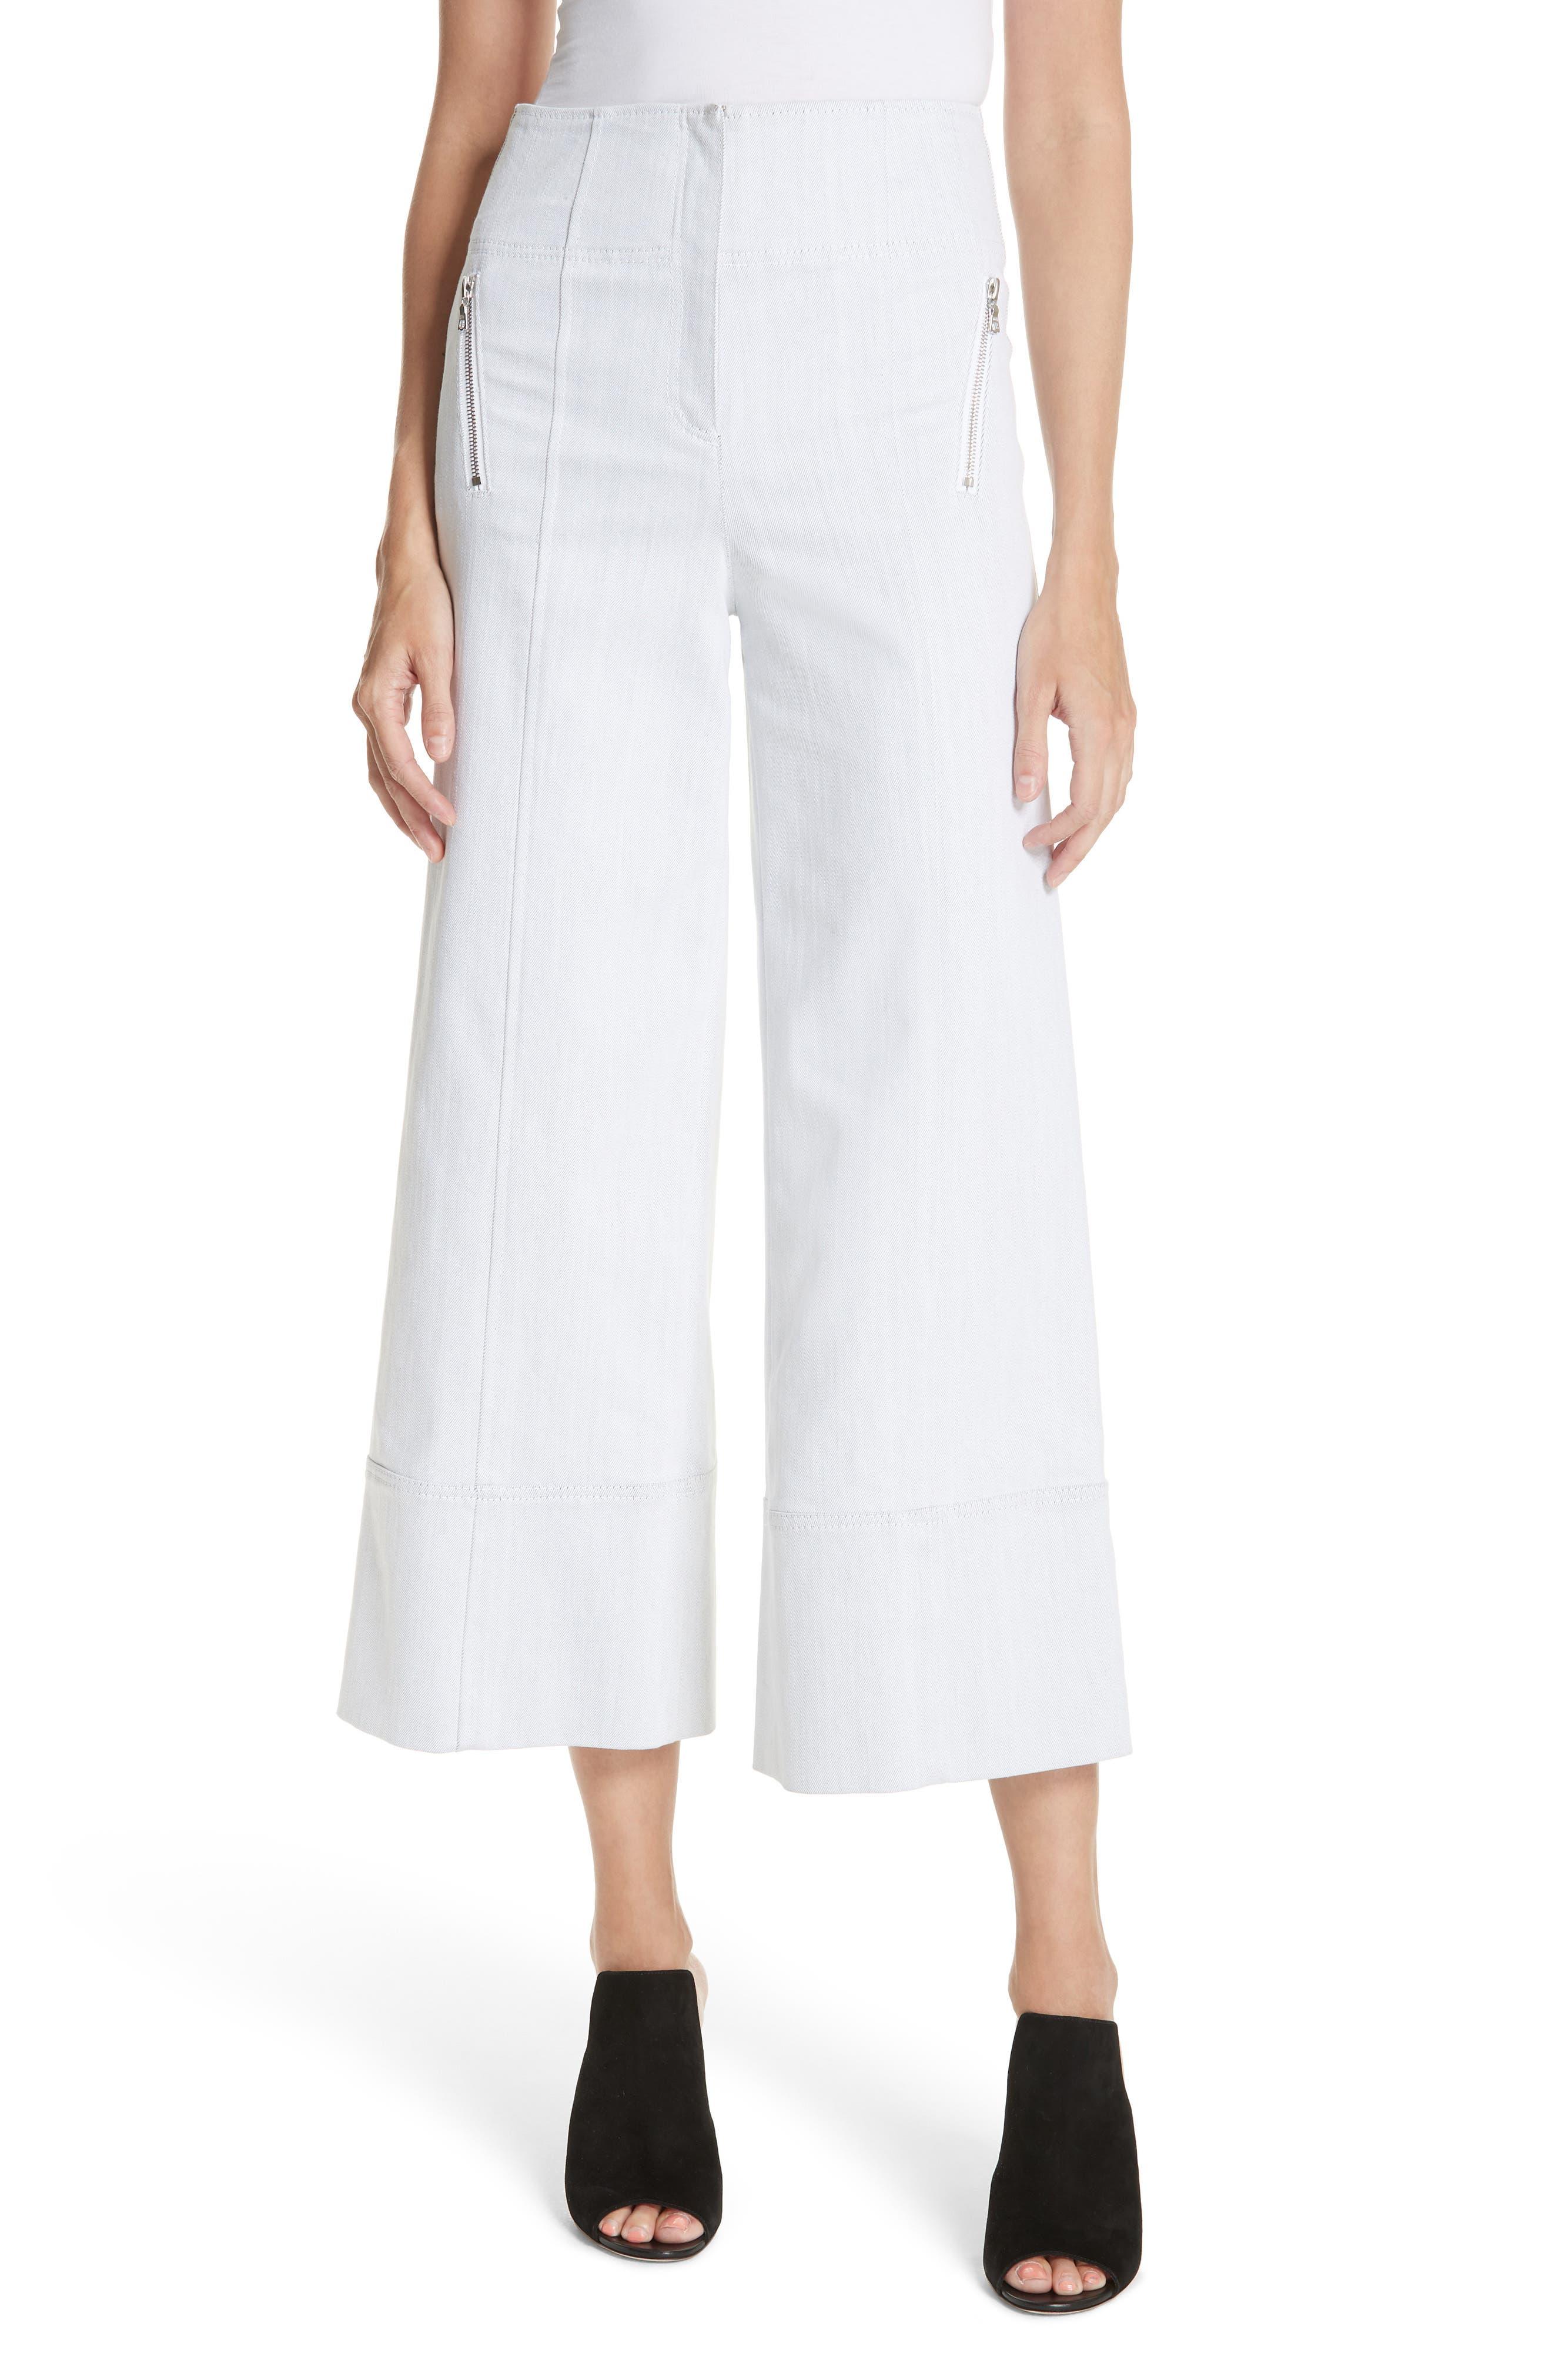 Marla Wide Leg Pants,                         Main,                         color, 100